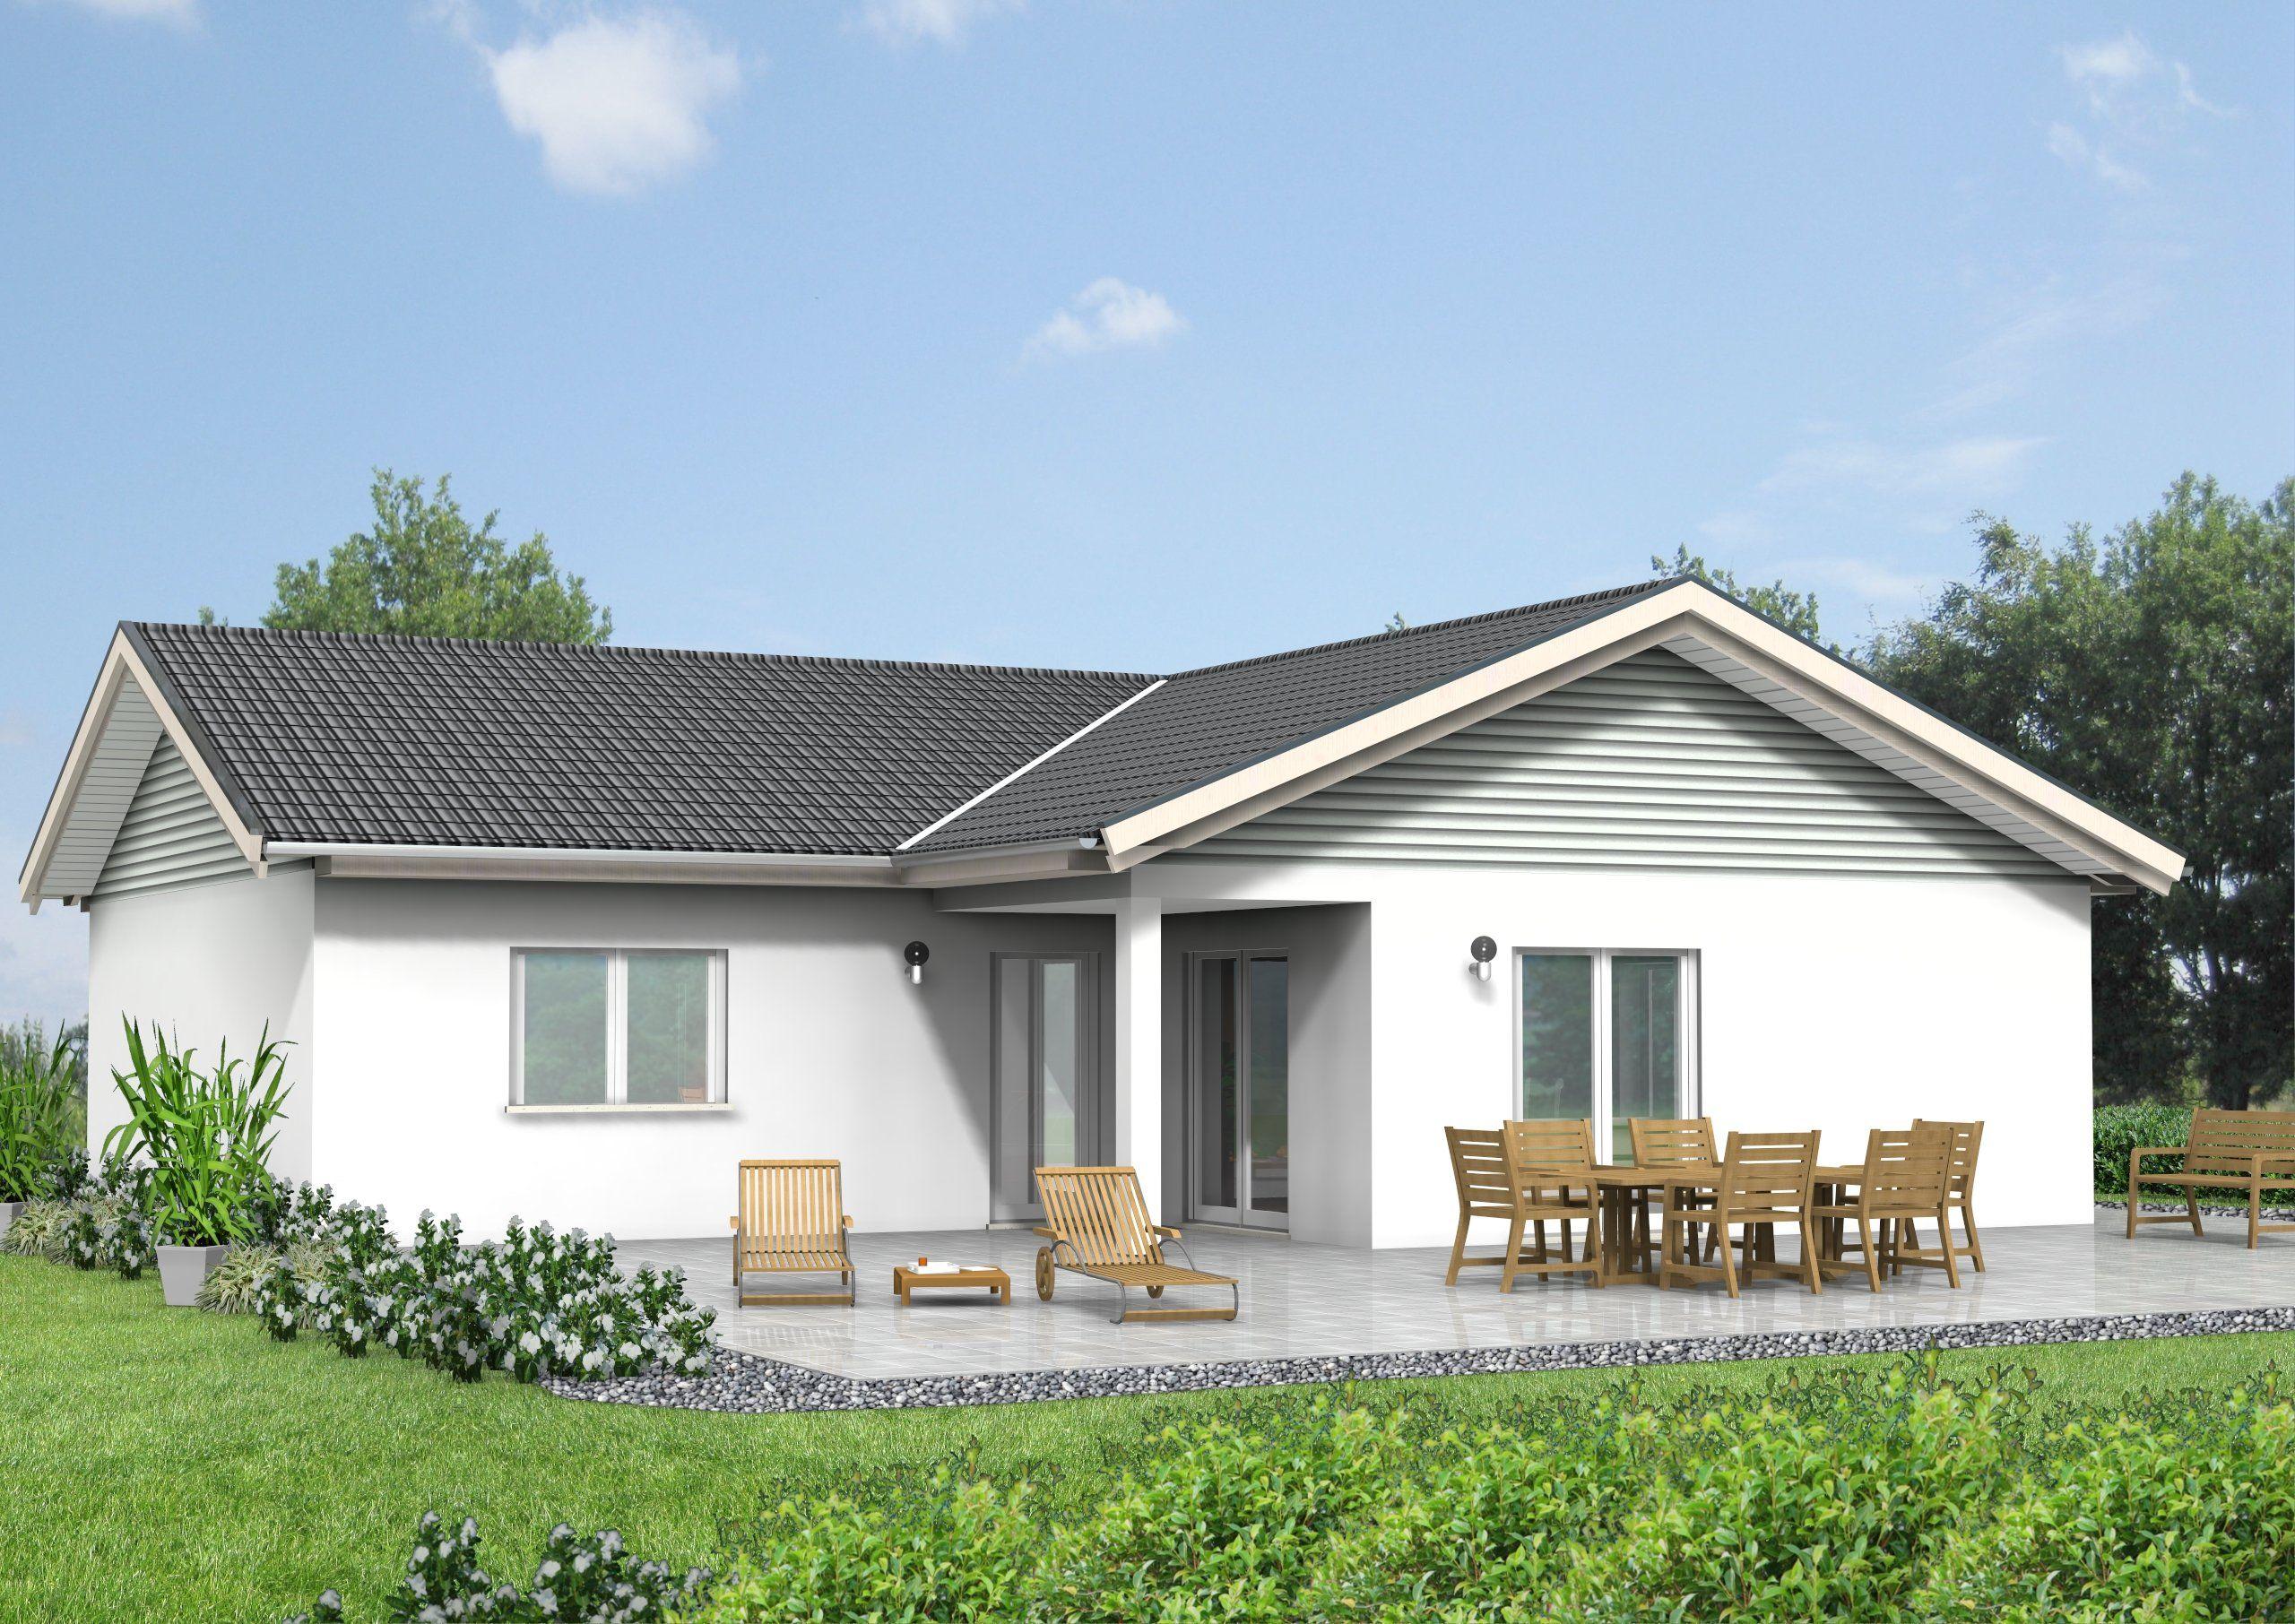 Unsere Haus Idee mit ca 127 m² Wohnfläche Ein barriere freier